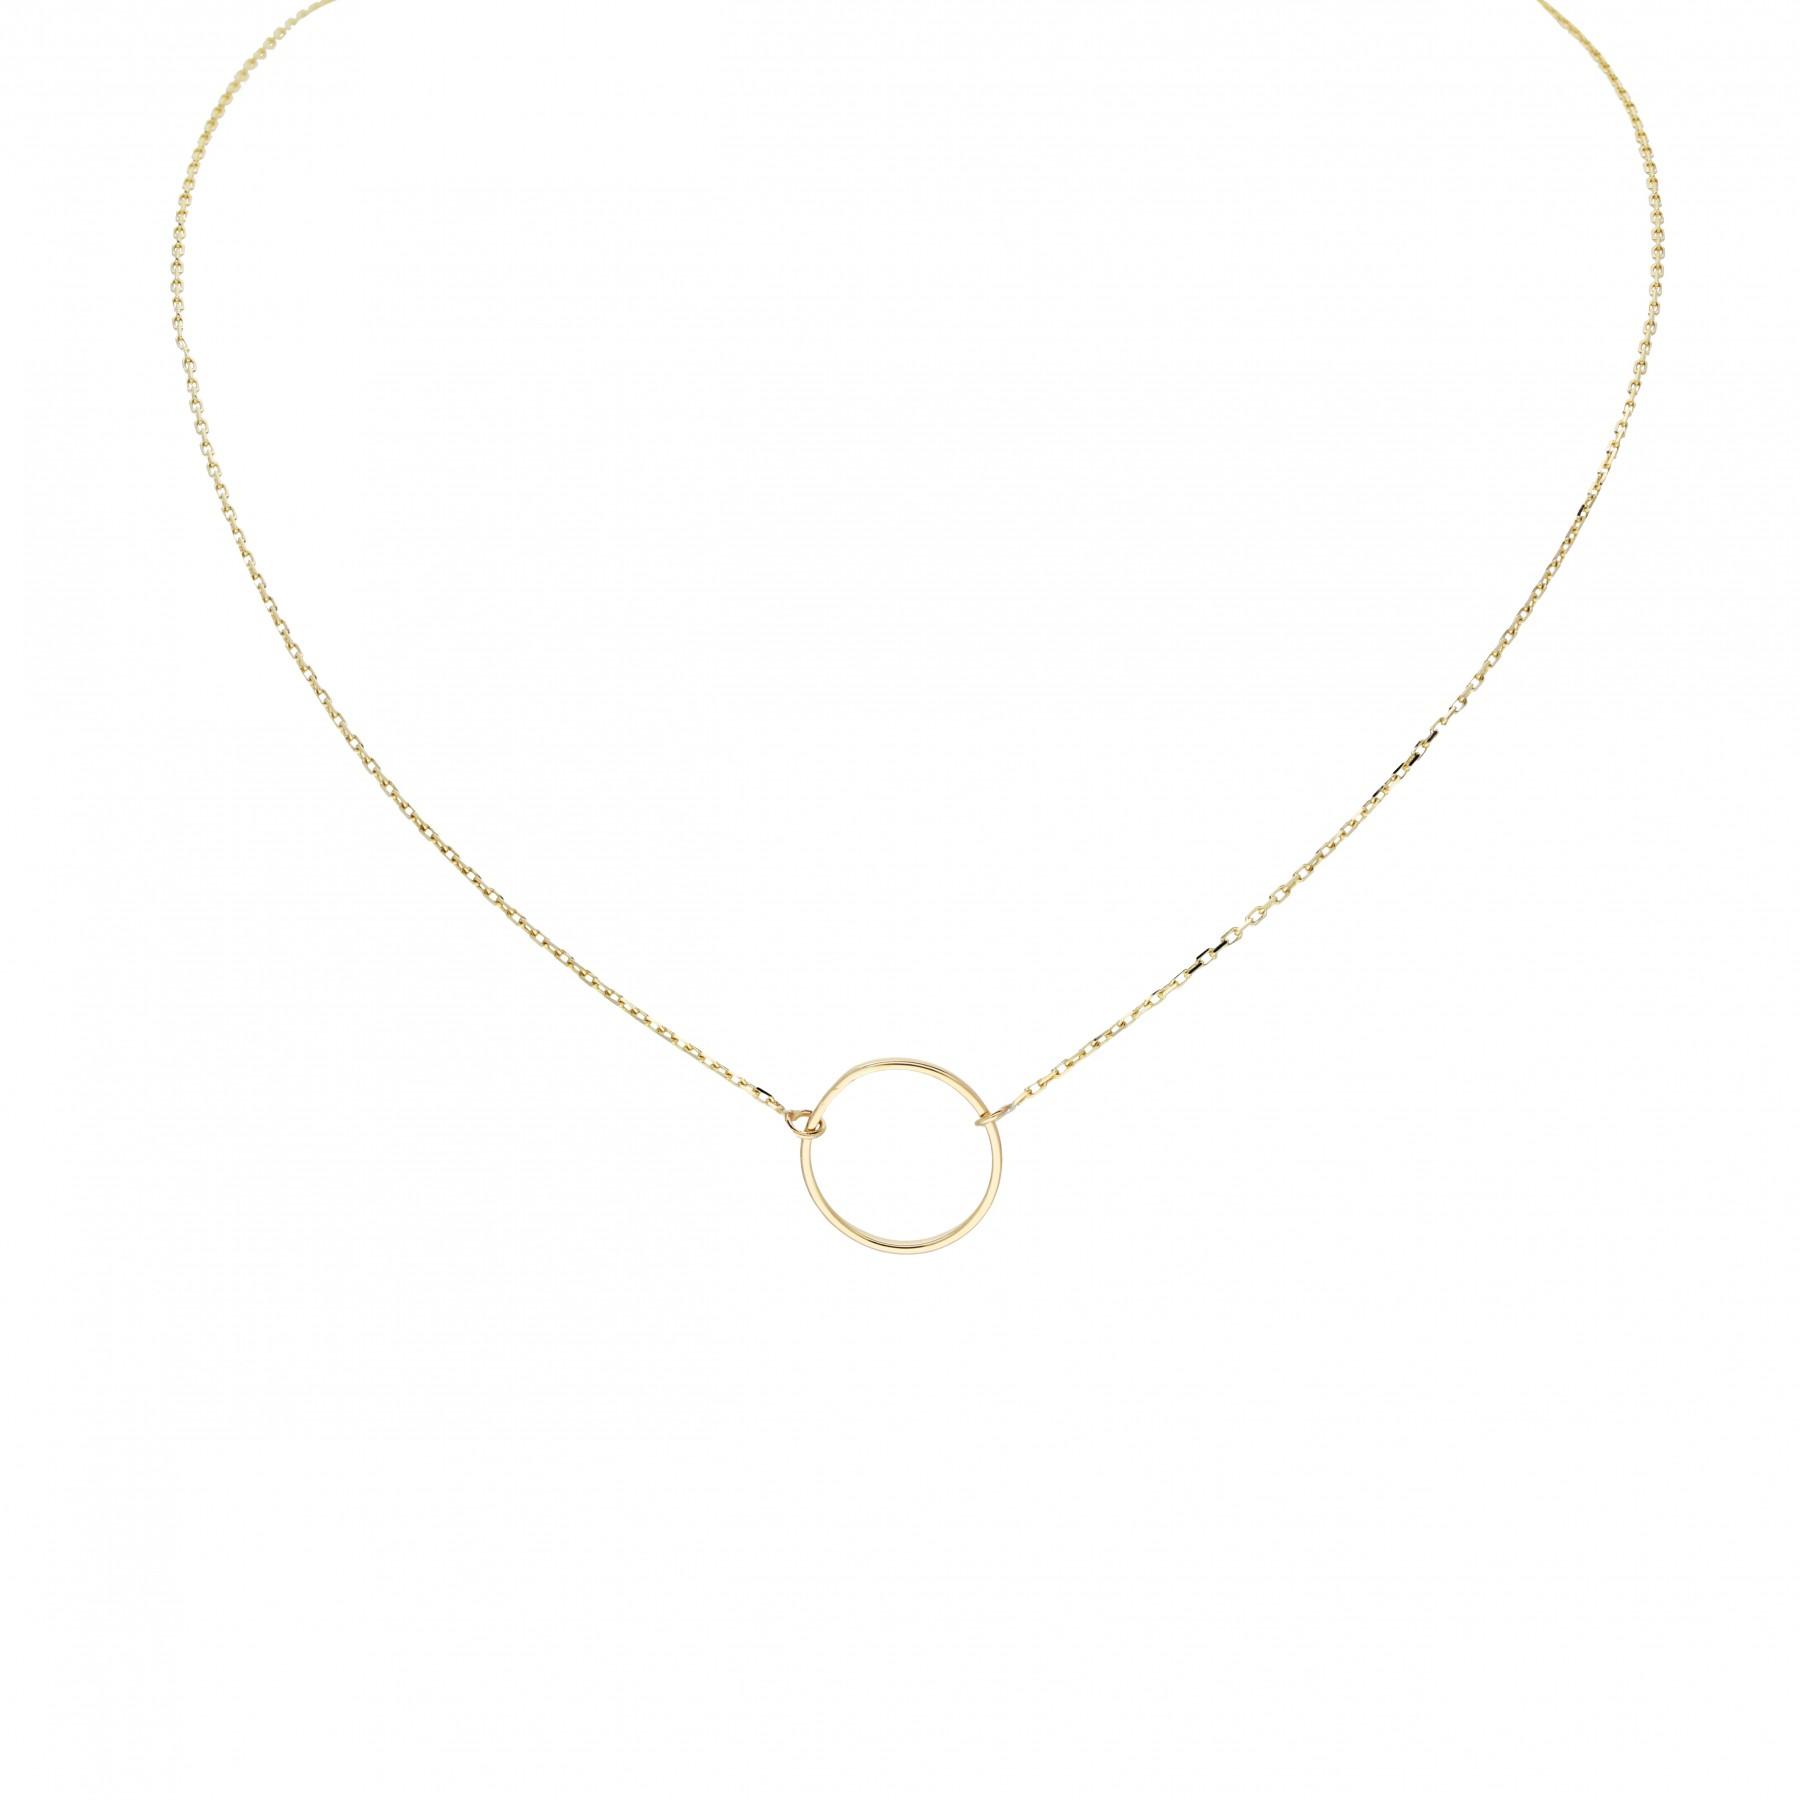 Glow Gouden Collier Met Hanger - Rondje 42+3cm 202.2050.45